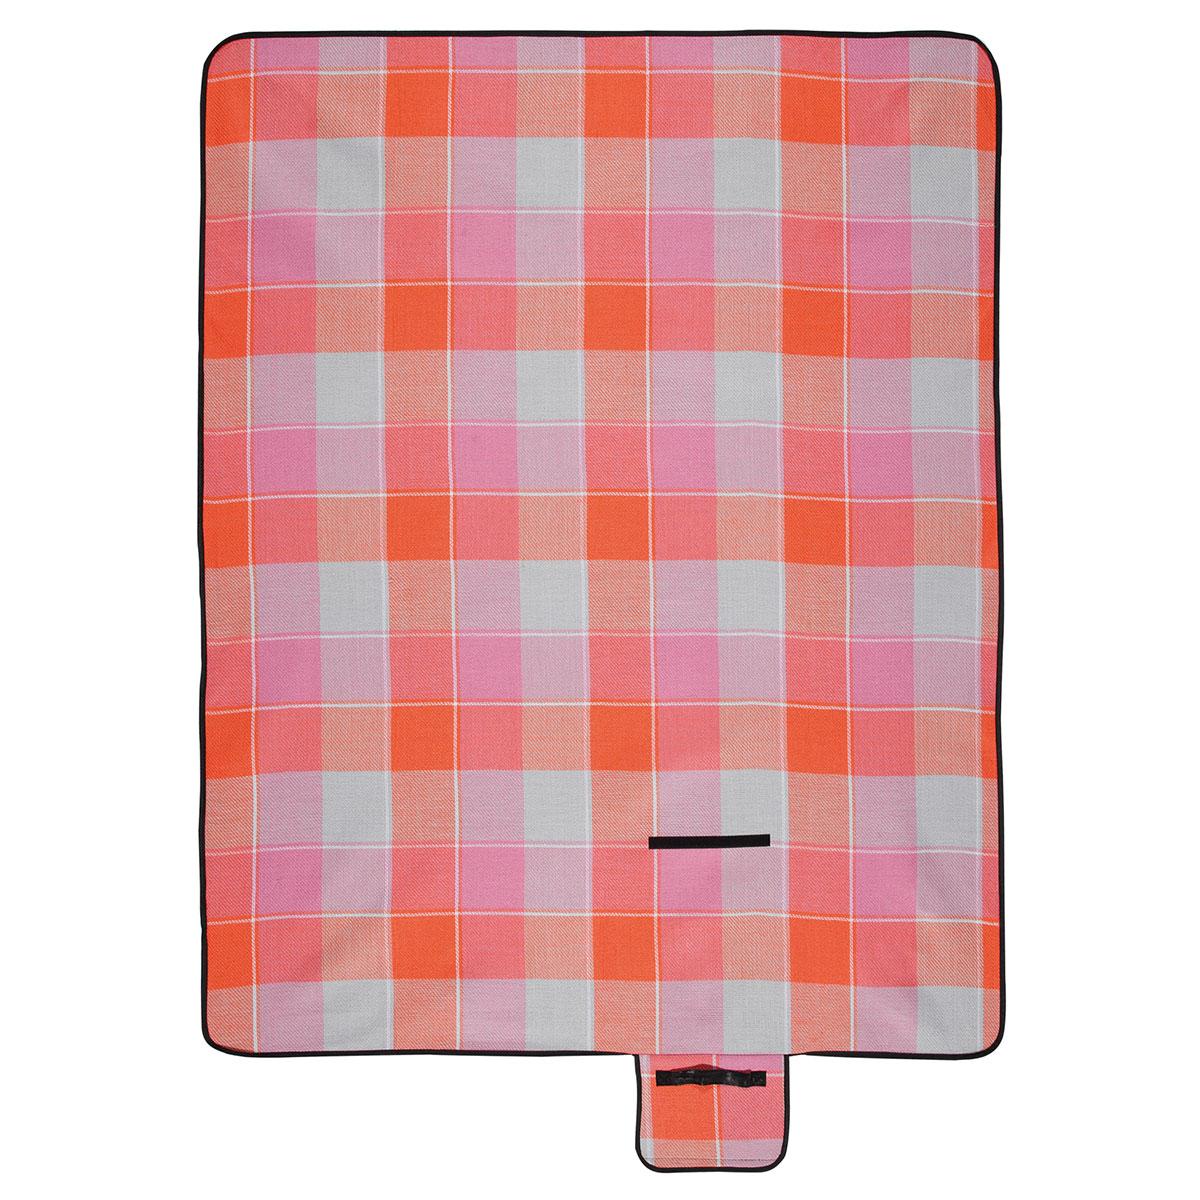 Billede af Biederlack picnictæppe - Block Pink